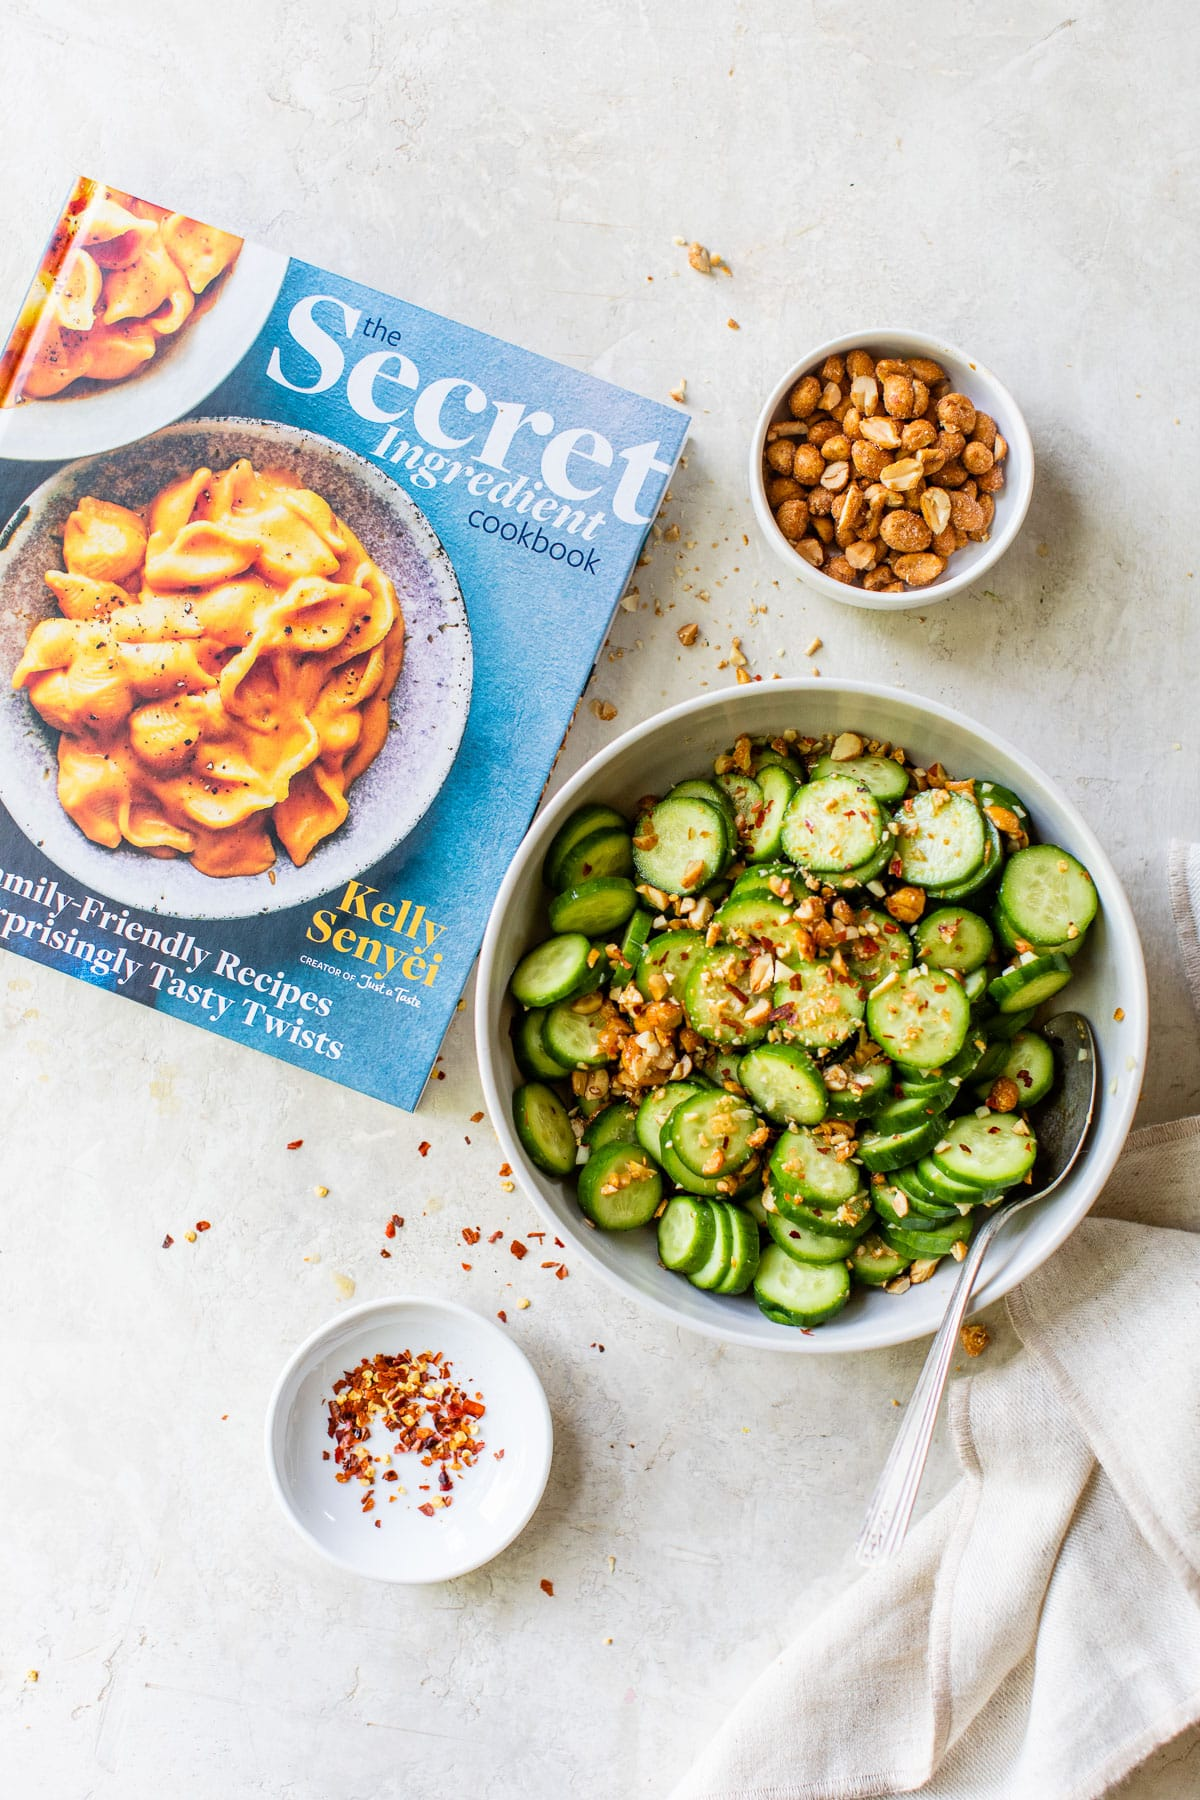 Libro de cocina con ensalada de pepino asiático crujiente